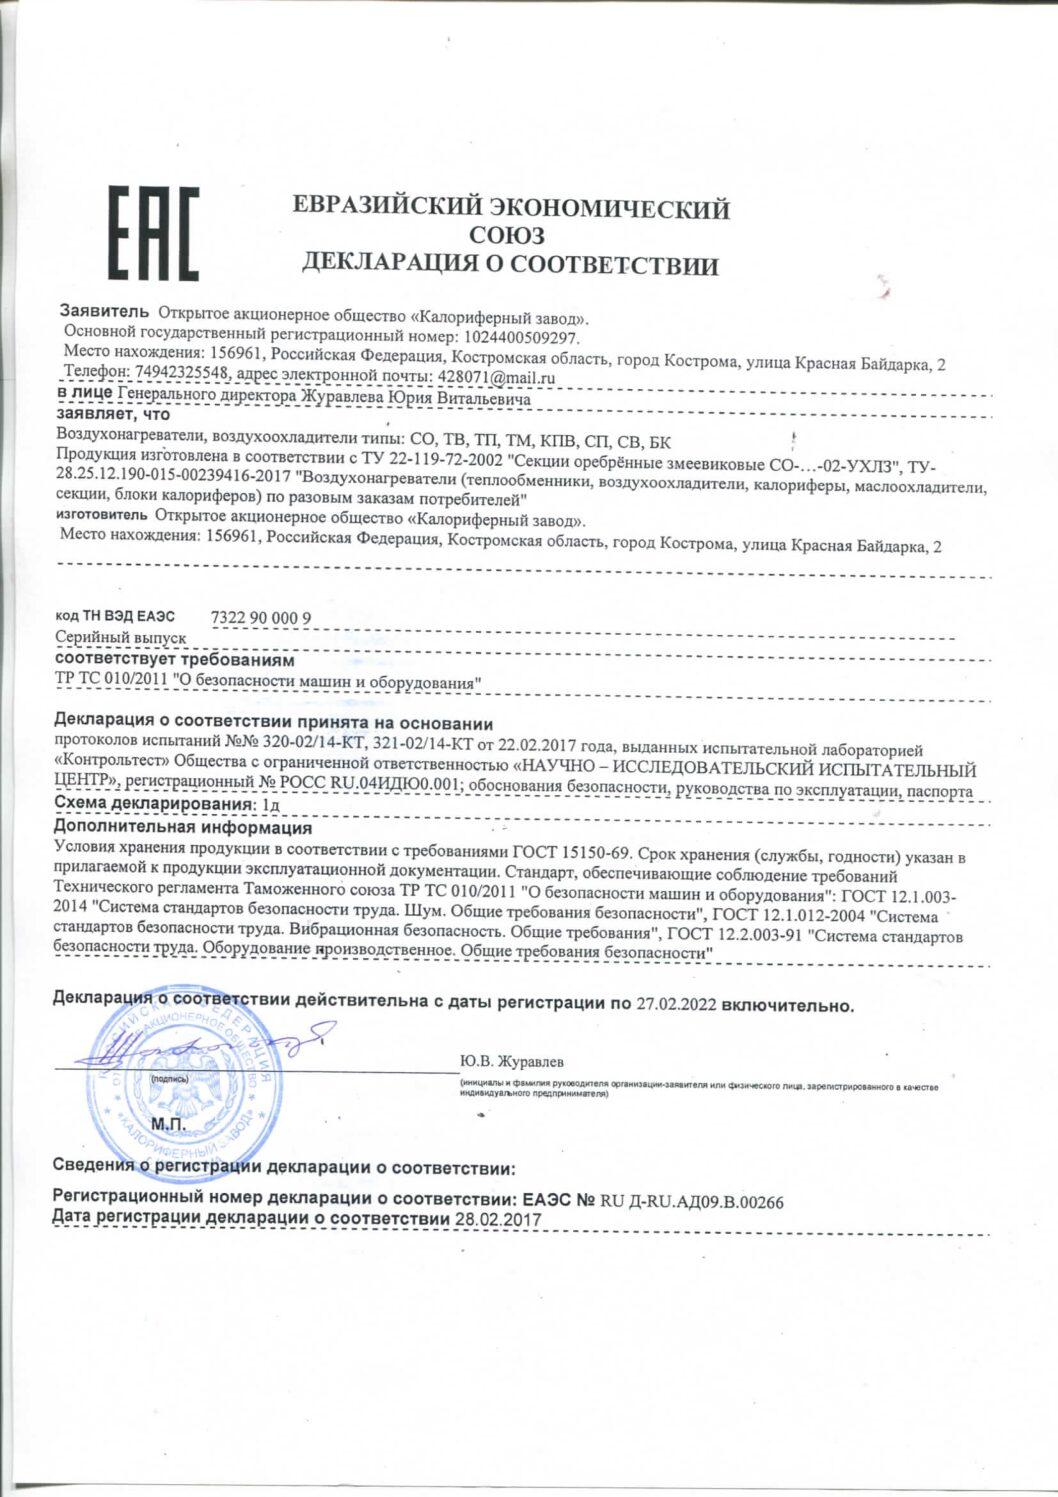 Декларация соответствия  СО ТП ТВ СВ БК